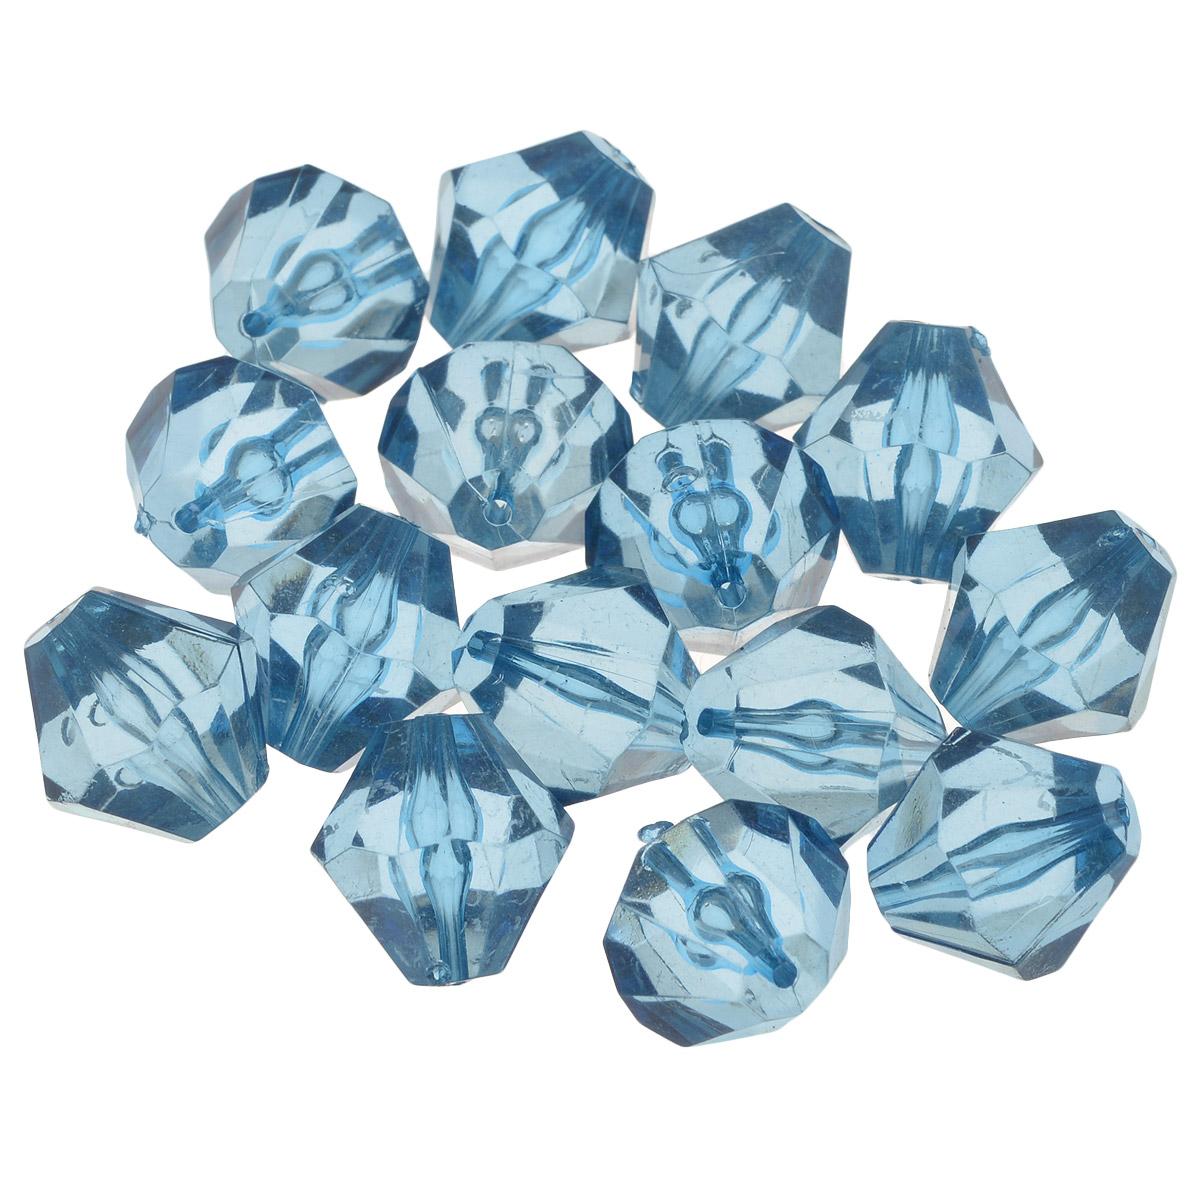 Бусины Астра, цвет: васильковый (63), 16 мм х 17 мм, 25 г. 684982_63684982_63Набор бусин Астра, изготовленный из акрила, позволит вам своими руками создать оригинальные ожерелья, бусы или браслеты. Одноцветные ромбовидные бусины оригинального и яркого дизайна оснащены рельефными, многогранными поверхностями. Изготовление украшений - занимательное хобби и реализация творческих способностей рукодельницы, это возможность создания неповторимого индивидуального подарка. Размер бусины: 16 мм х 17 мм.